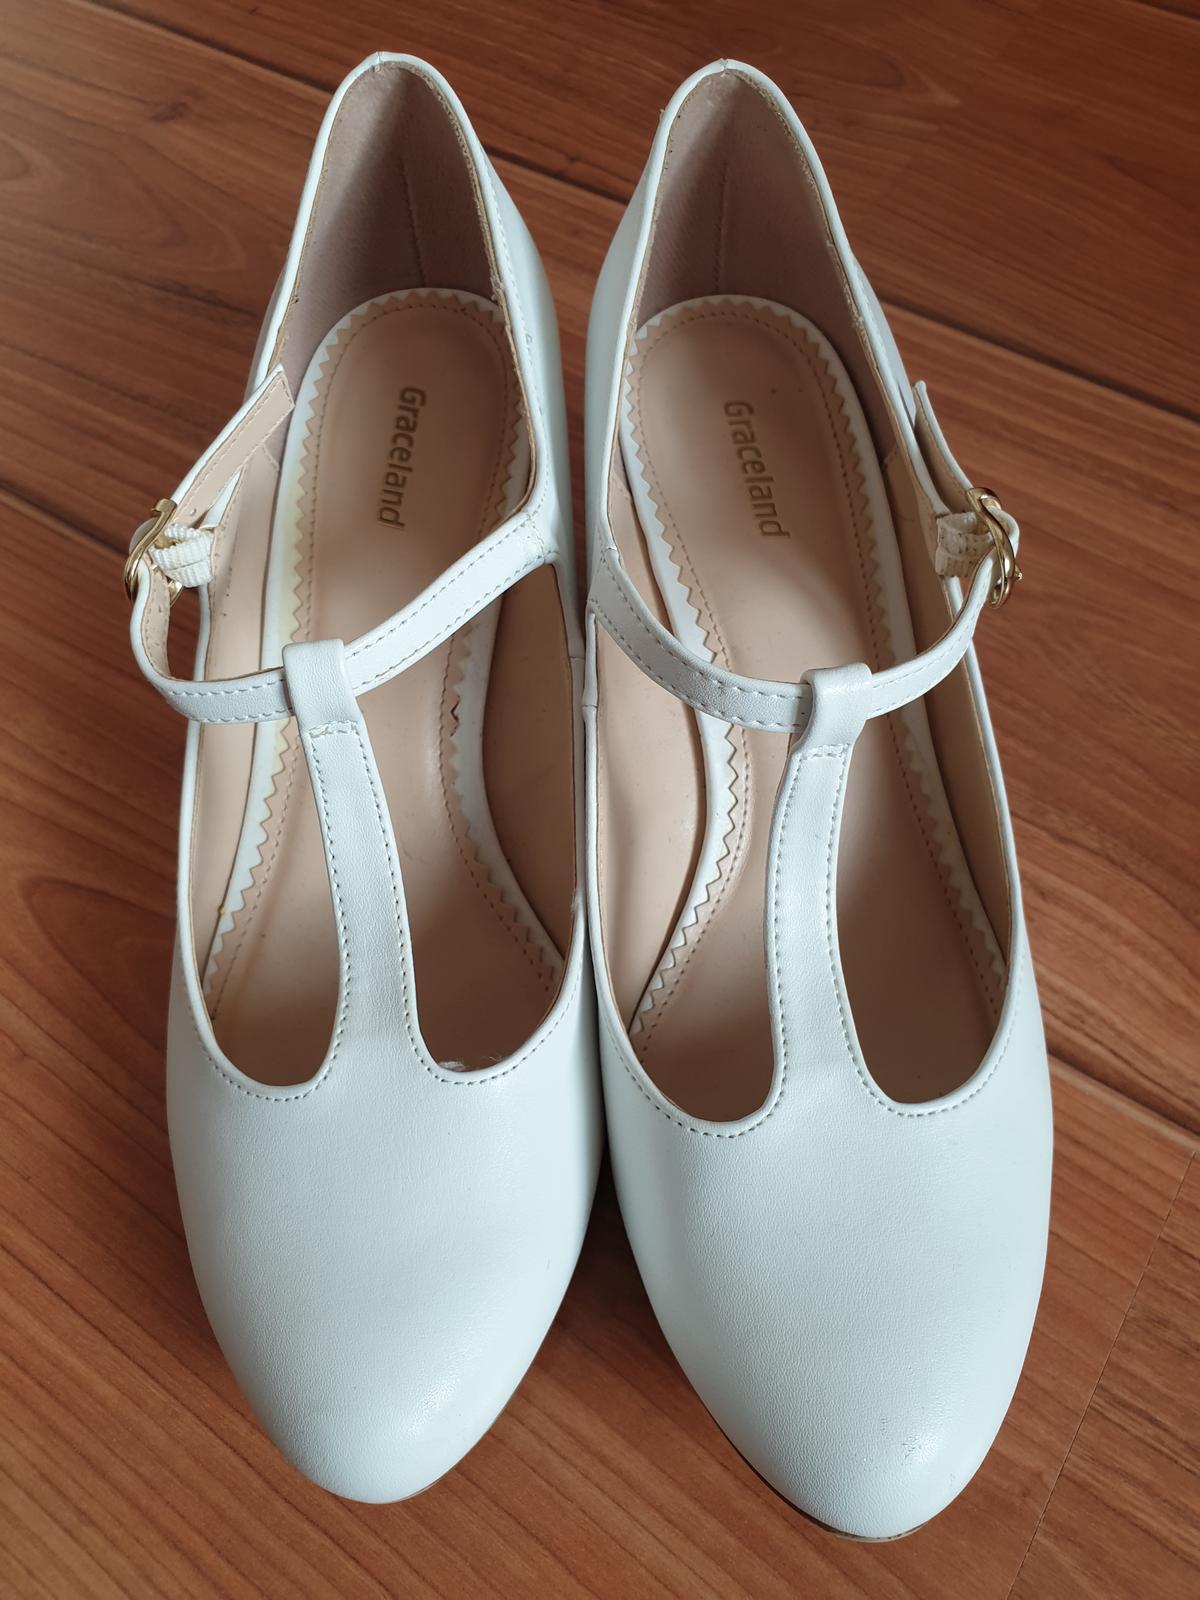 Predám svadobné topánky Graceland veľkosť 38 - Obrázok č. 2